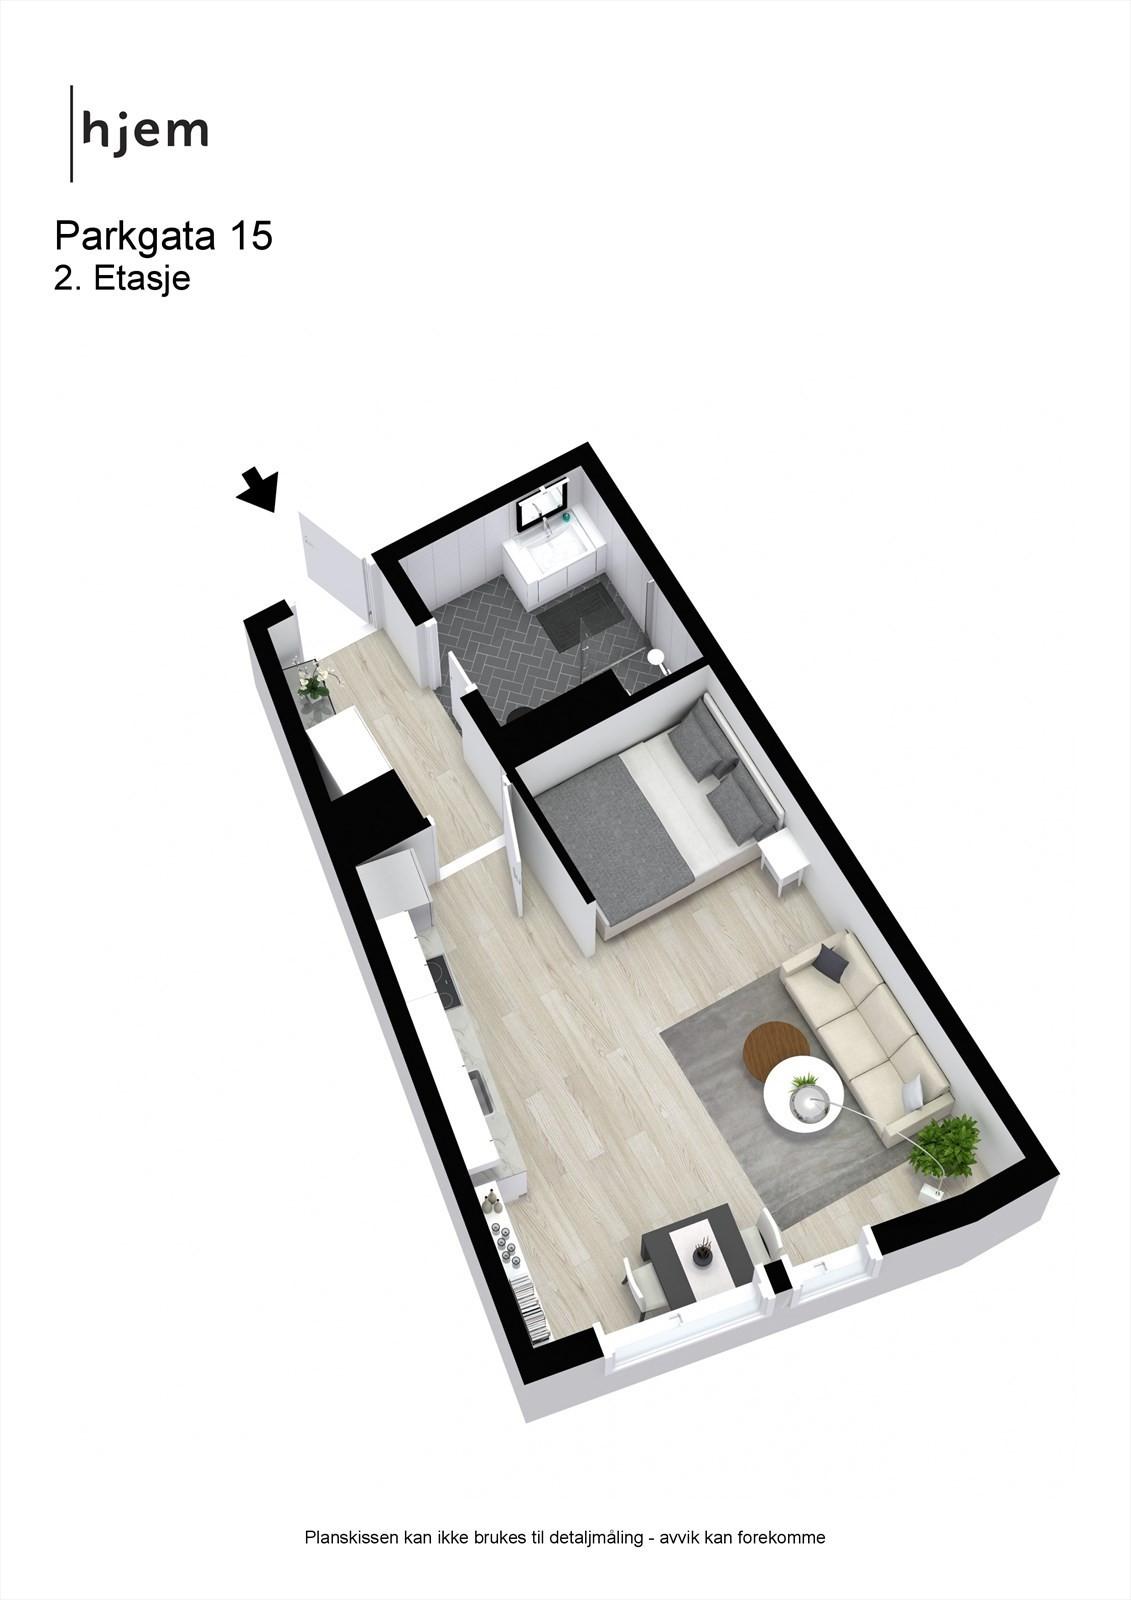 Parkgata 15 - 3D - 2. Etasje